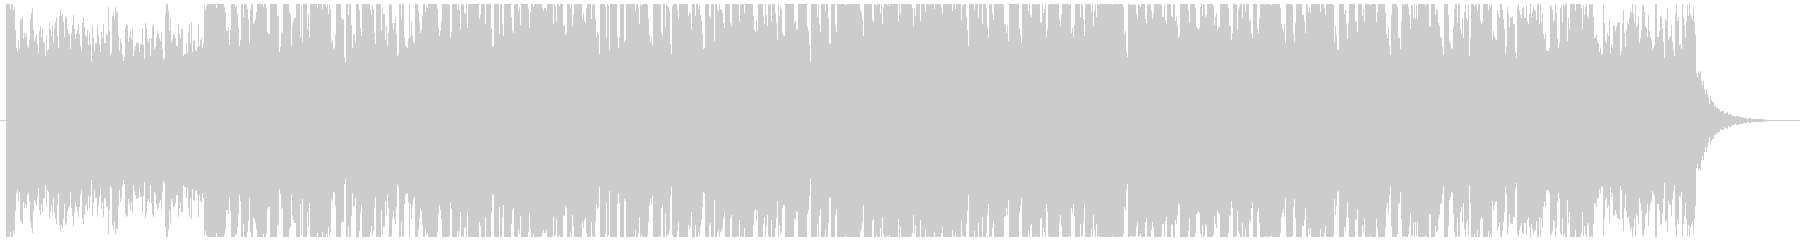 不撓不屈で暗いトンネルを進んでいくBGMの未再生の波形